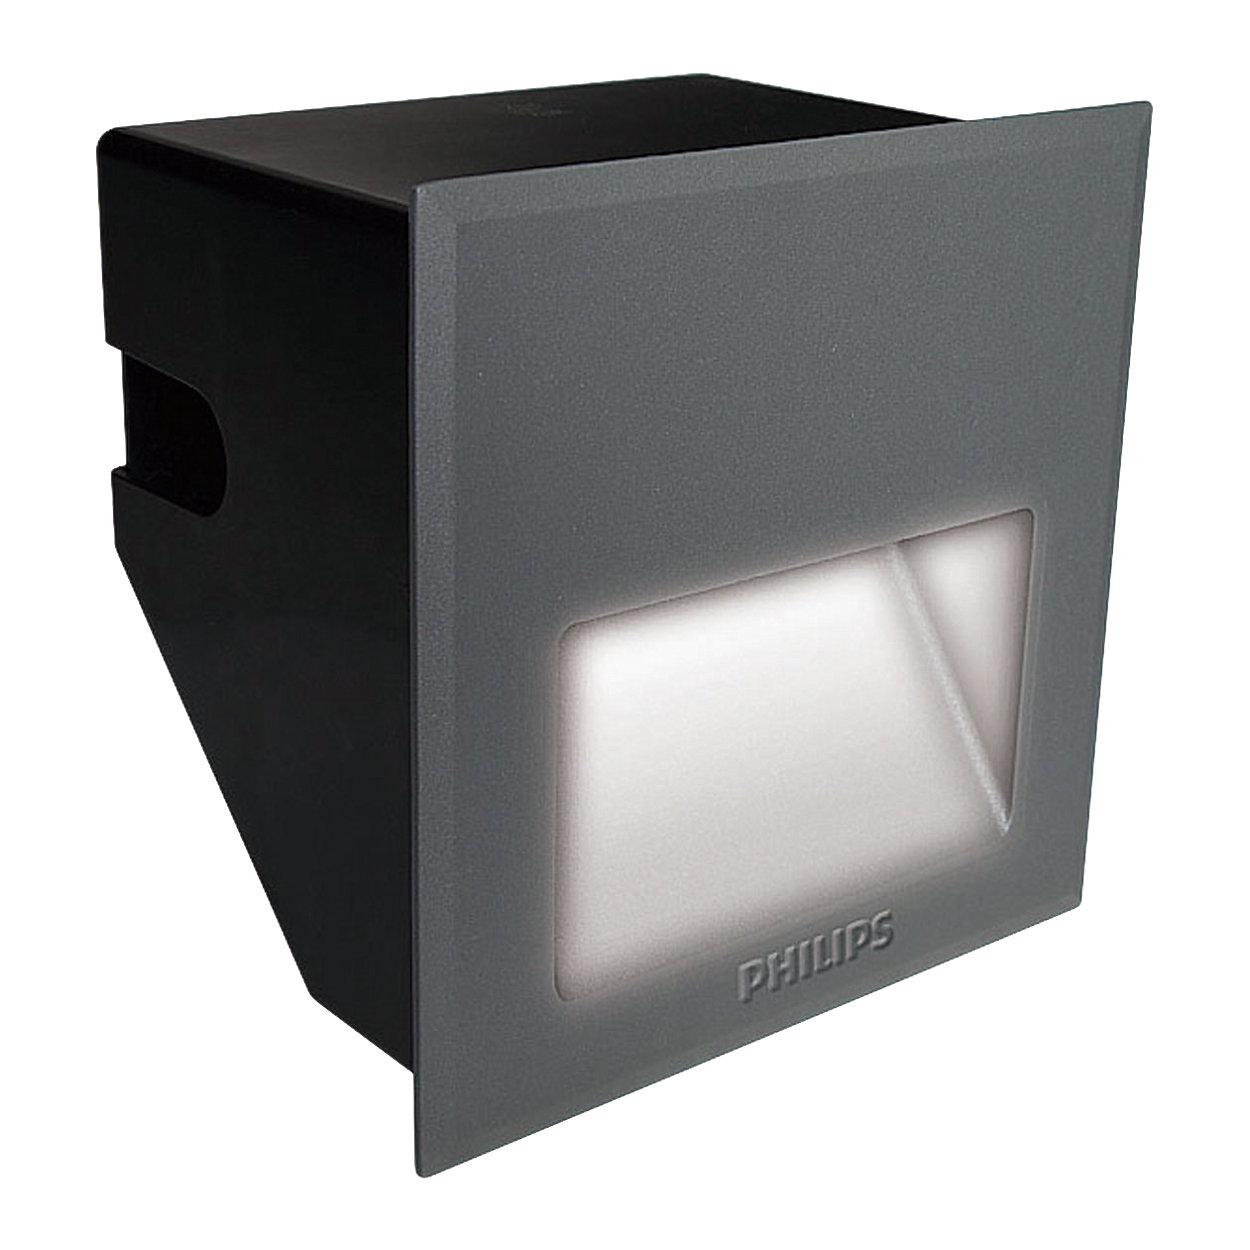 LED Step-Light BWG150 – Un éclairage jardin fiable pour une vie harmonieuse en ville